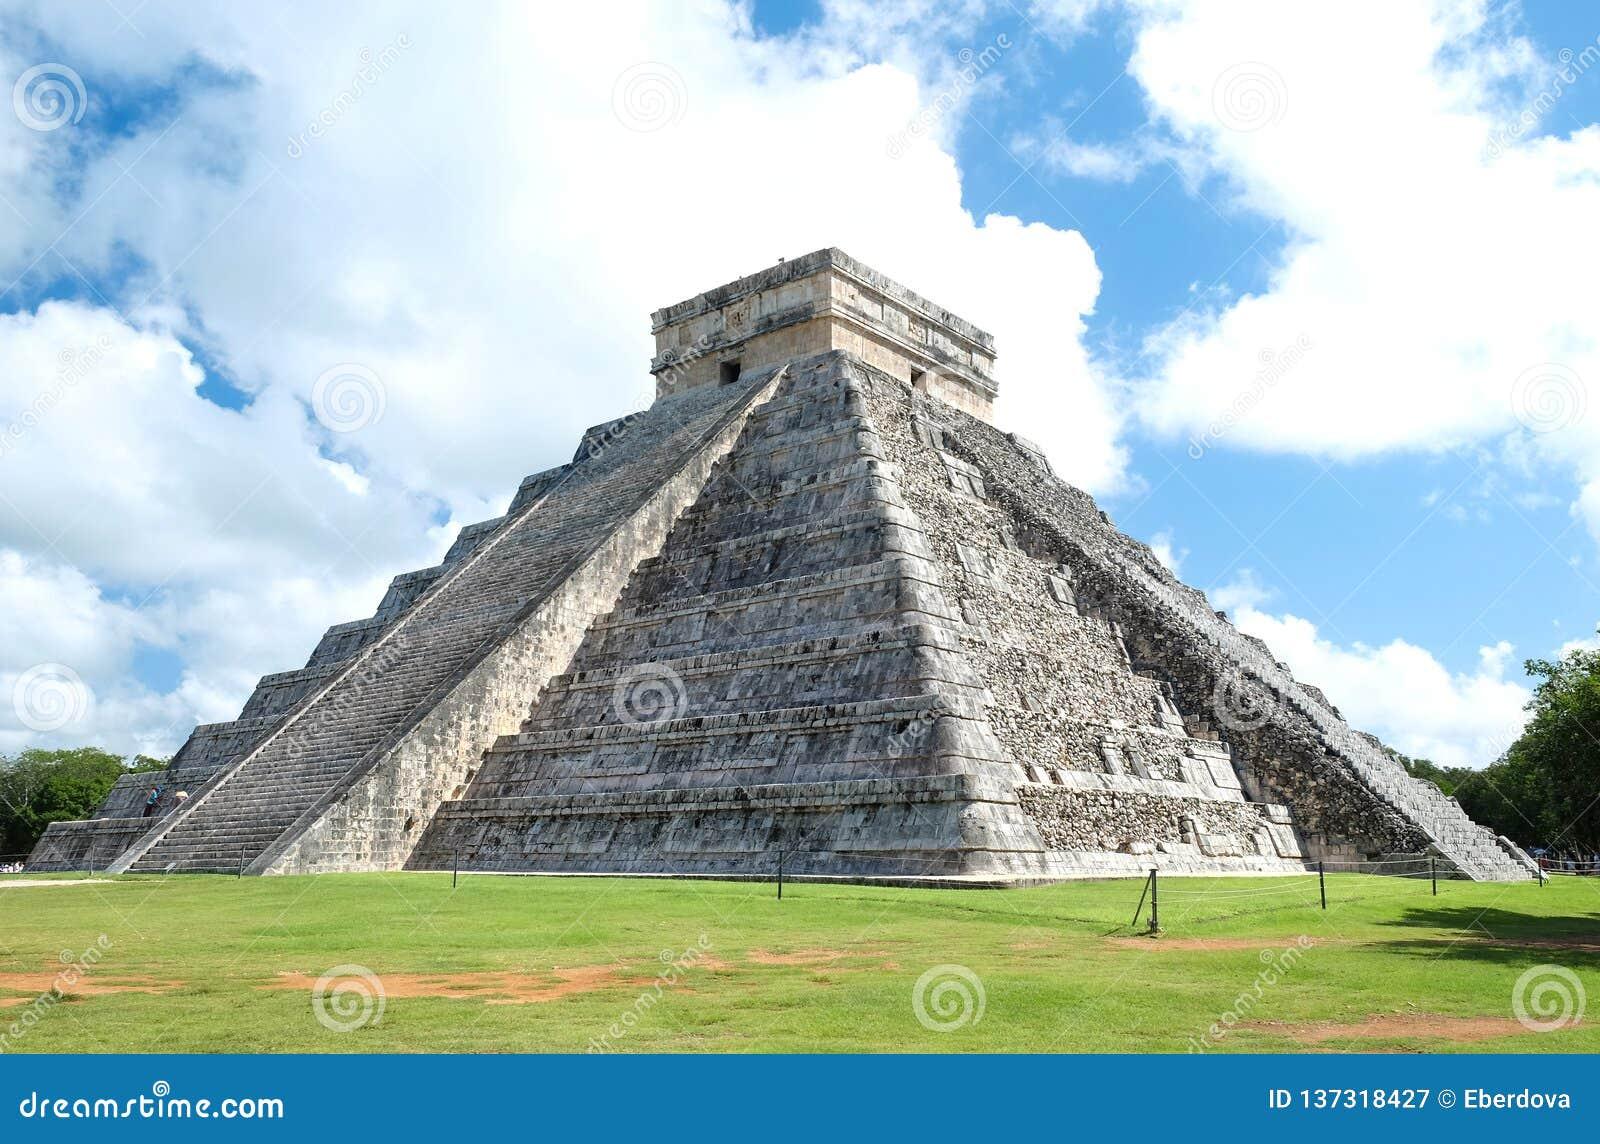 Full view of the El Castillo Pyramid